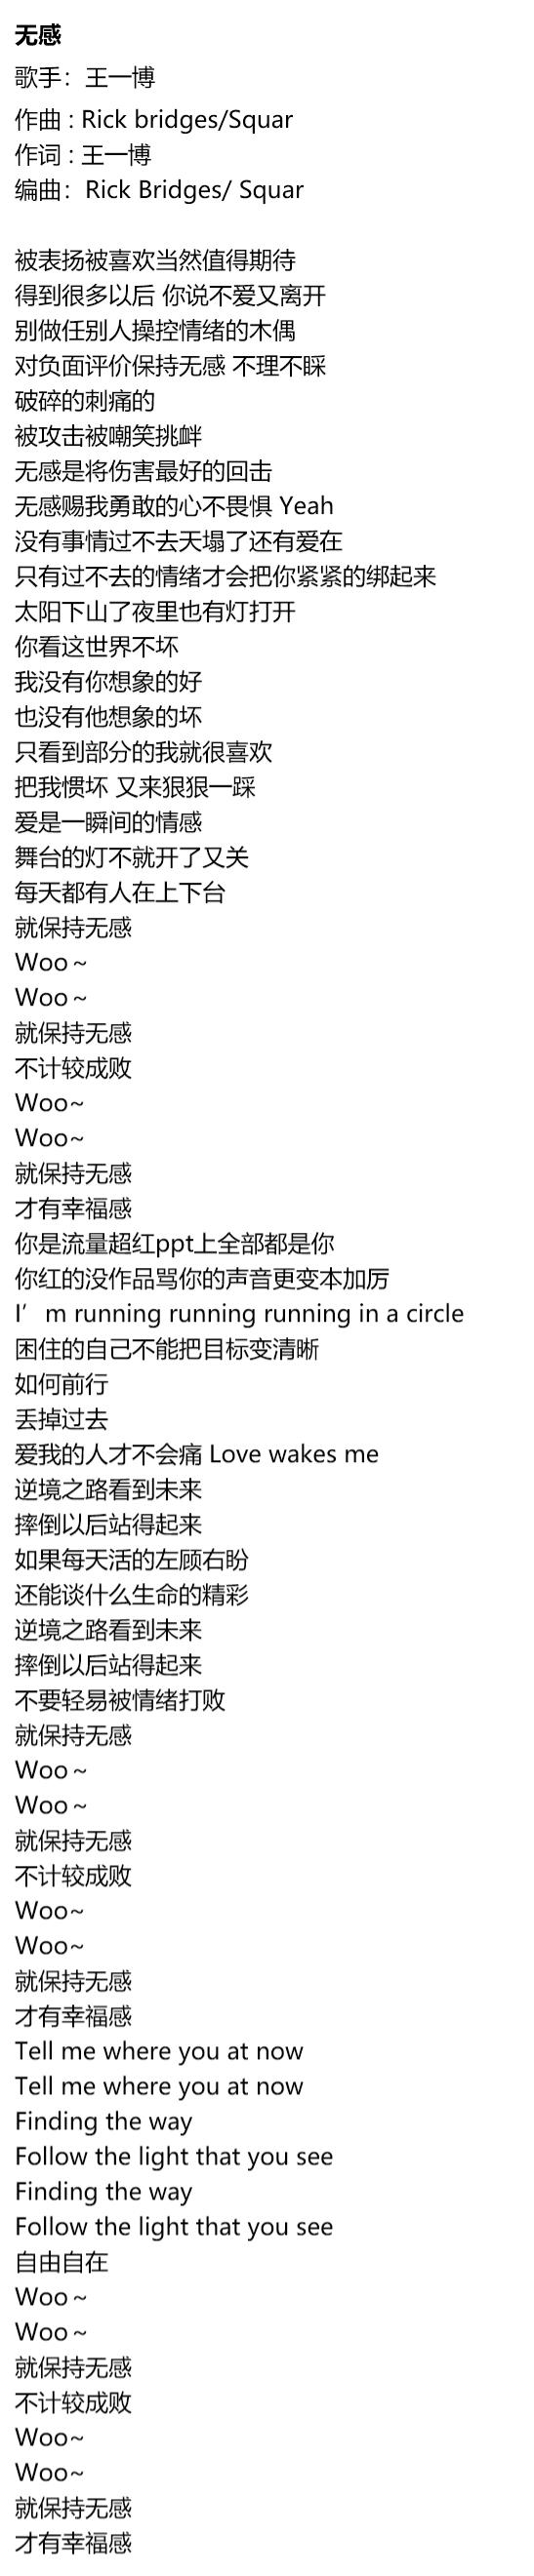 王一博《无感》歌词